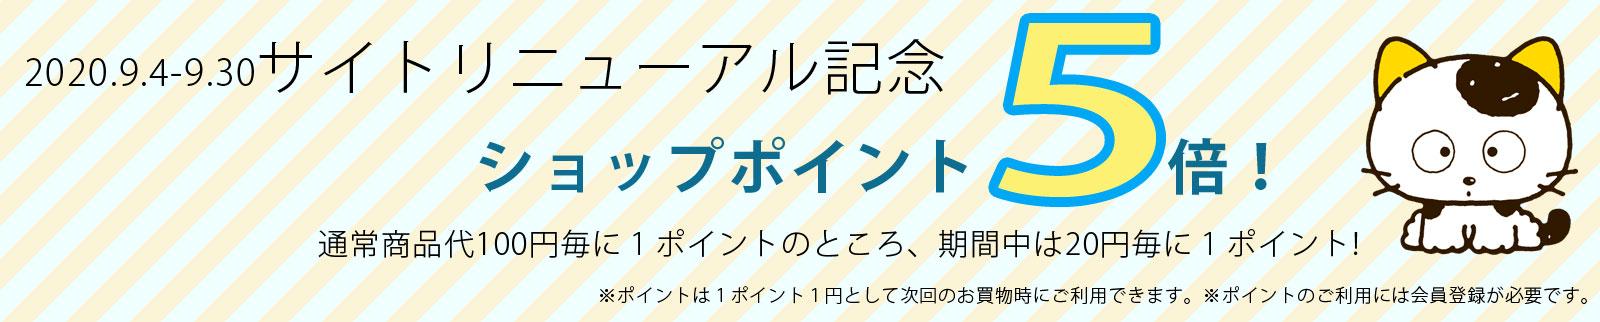 リニューアル記念ポイント5倍